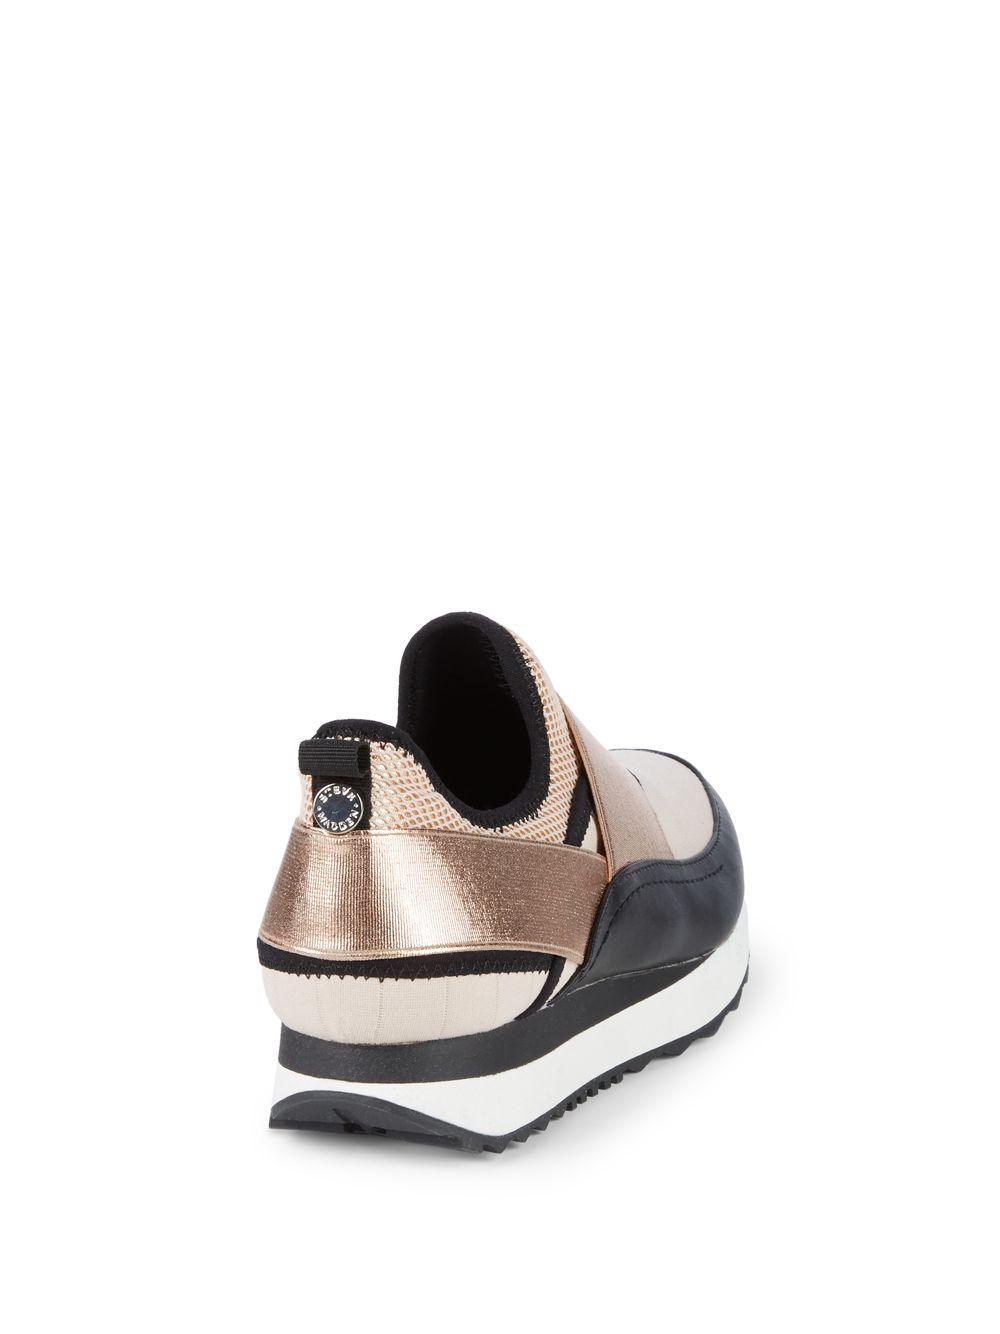 8e717441bbd Steve Madden - Metallic Haro Colorblock Slip-on Sneakers - Lyst. View  fullscreen